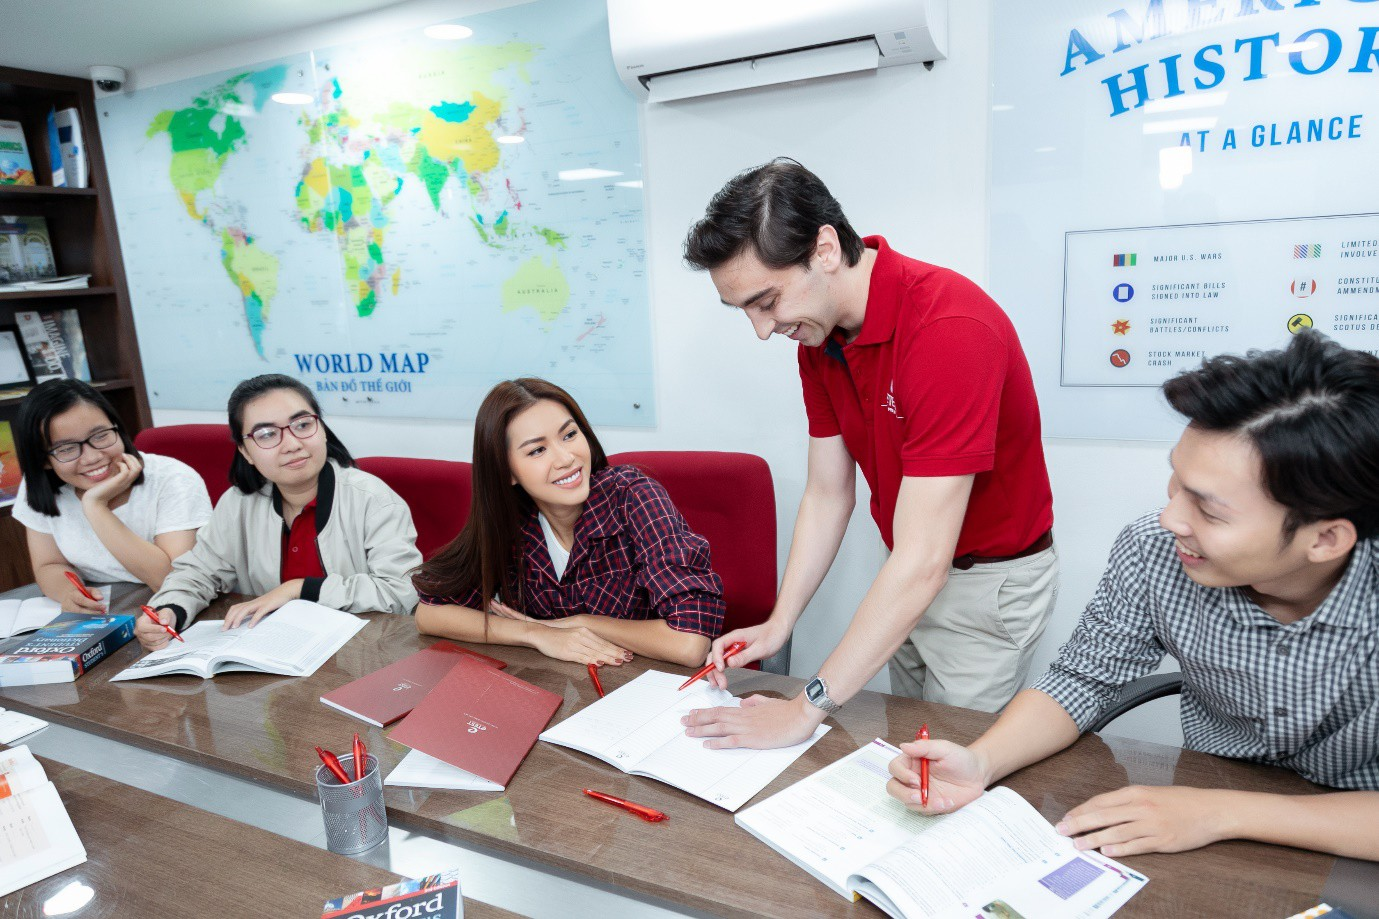 Minh Tú nói tiếng Anh ngày càng hoàn thiện, đây là nơi giúp cô trau dồi kỹ năng ngoại ngữ của mình! - Ảnh 2.